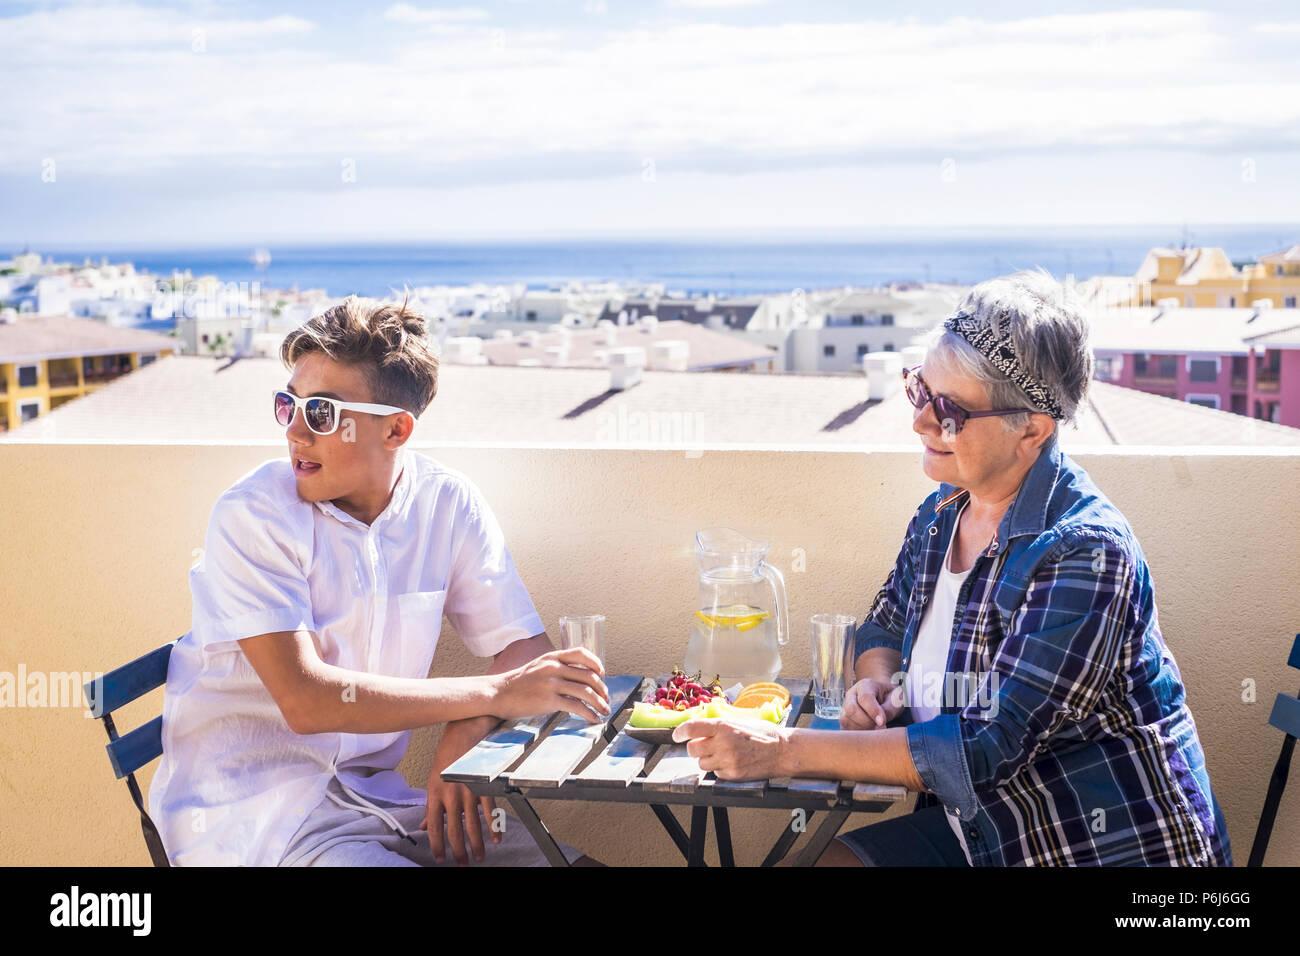 Deux jeunes et personnes âgées woman and boy grand-mère et de son neveu pour la famille vie concept activité de loisirs de manger quelque chose sur le toit-terrasse Photo Stock